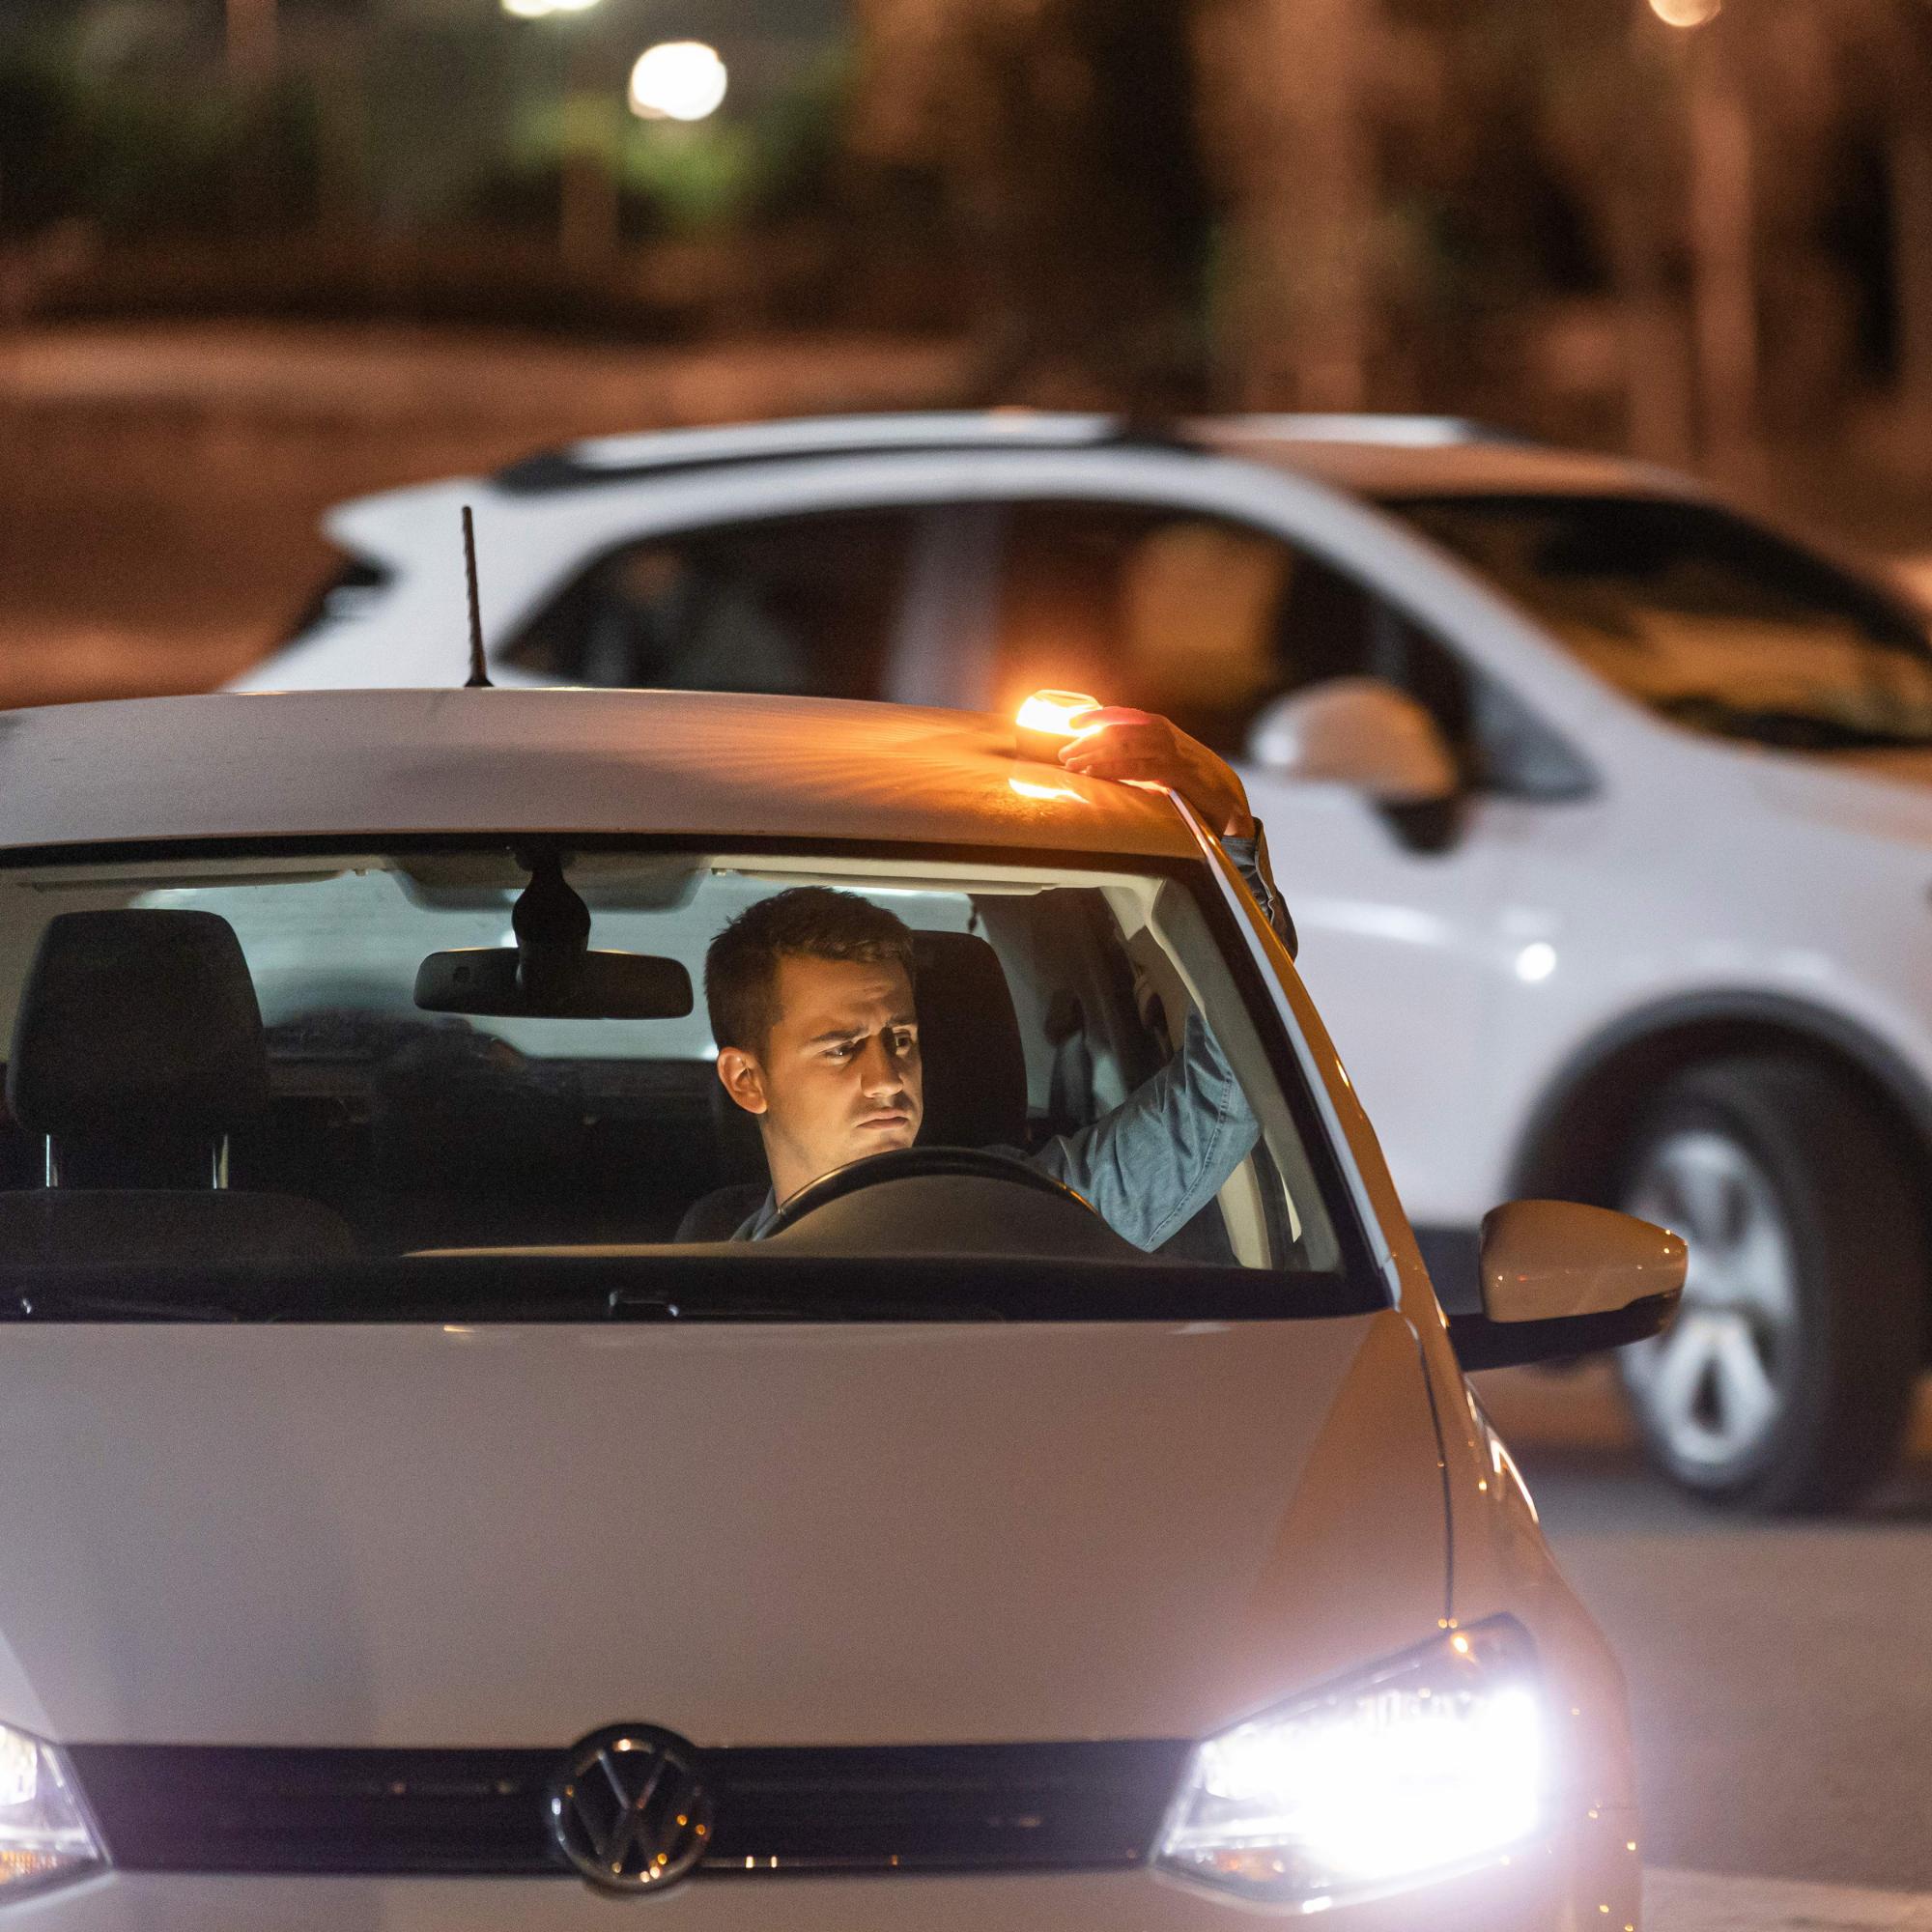 Persona colocando una luz de emergencia para coches modelo SafeLight PRO en el capó de su vehículo.